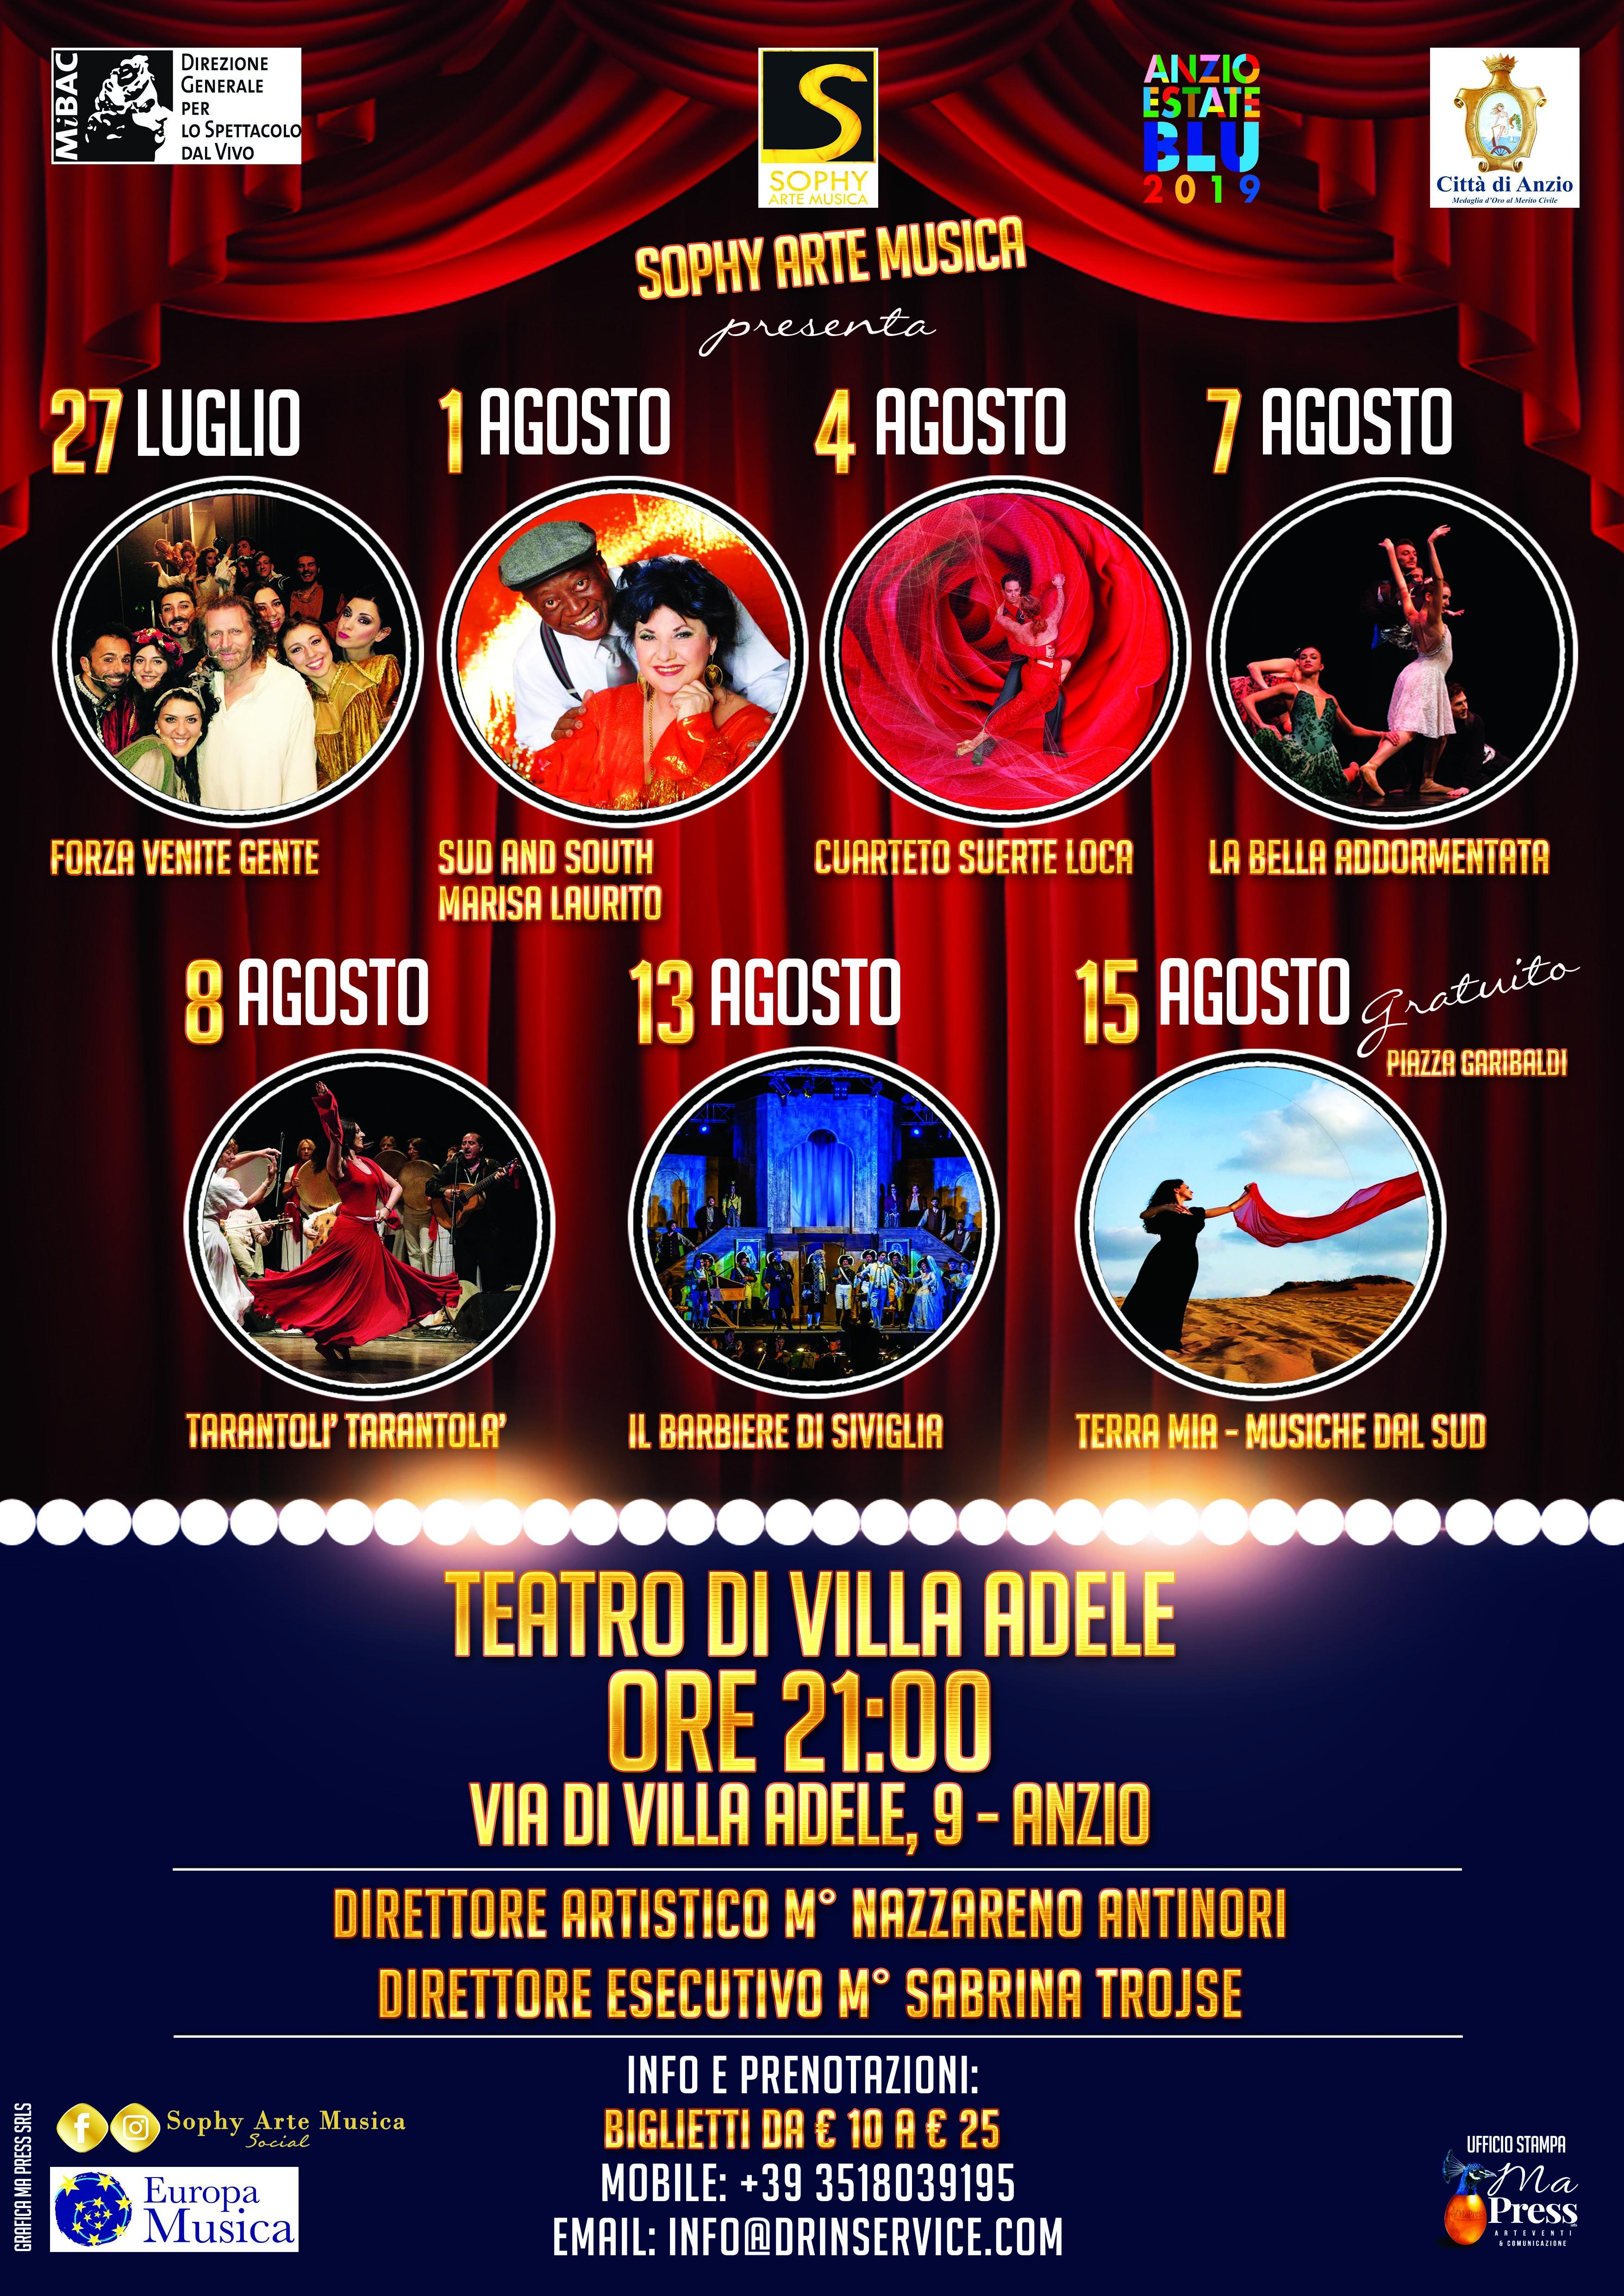 Locandina SOPHY ARTE MUSICA_spettacoli Anzio